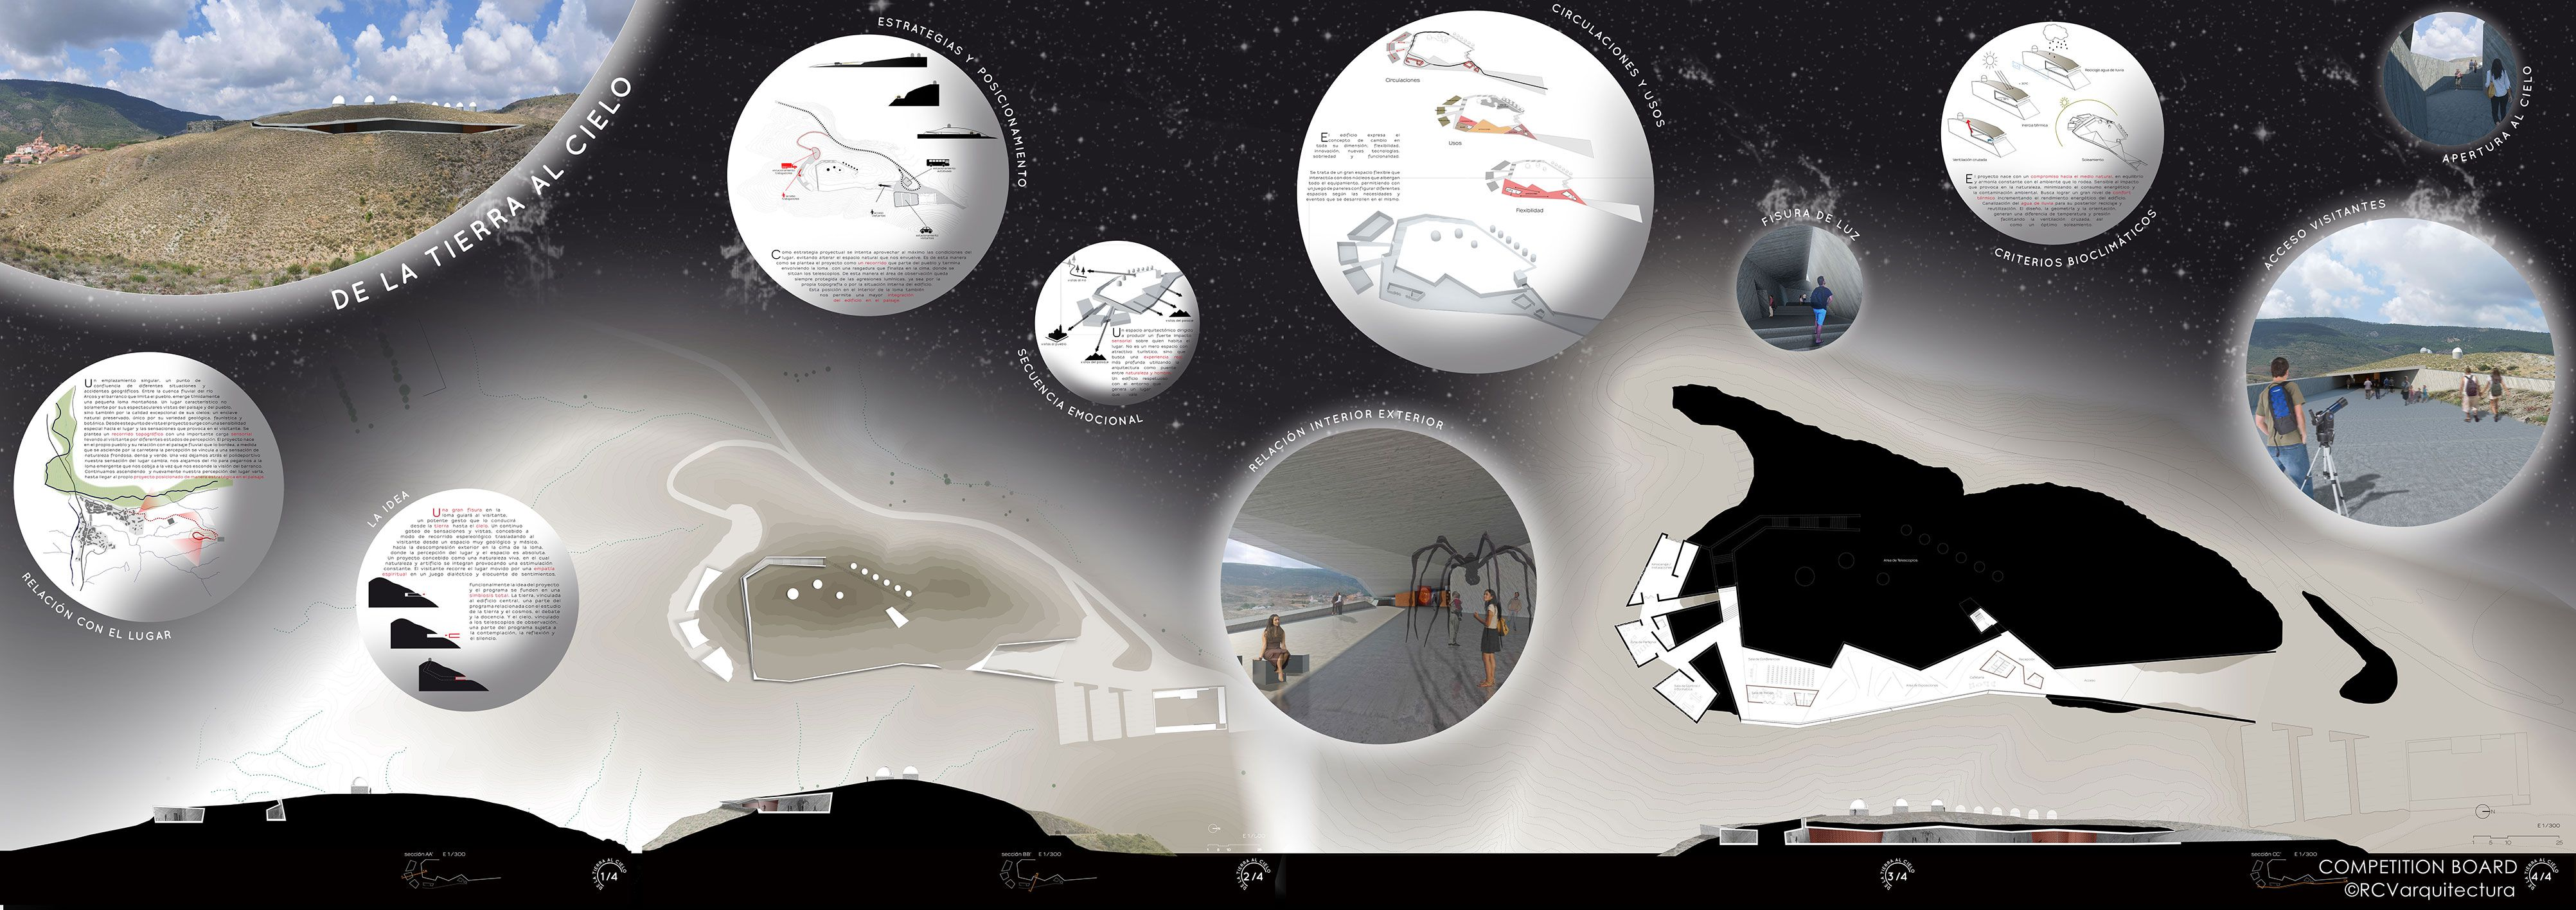 Architecture Board-Galactica, Astronomy Observatory // Galactica, Observatorio Astronómico- 2º Prize #architecture #competition #board